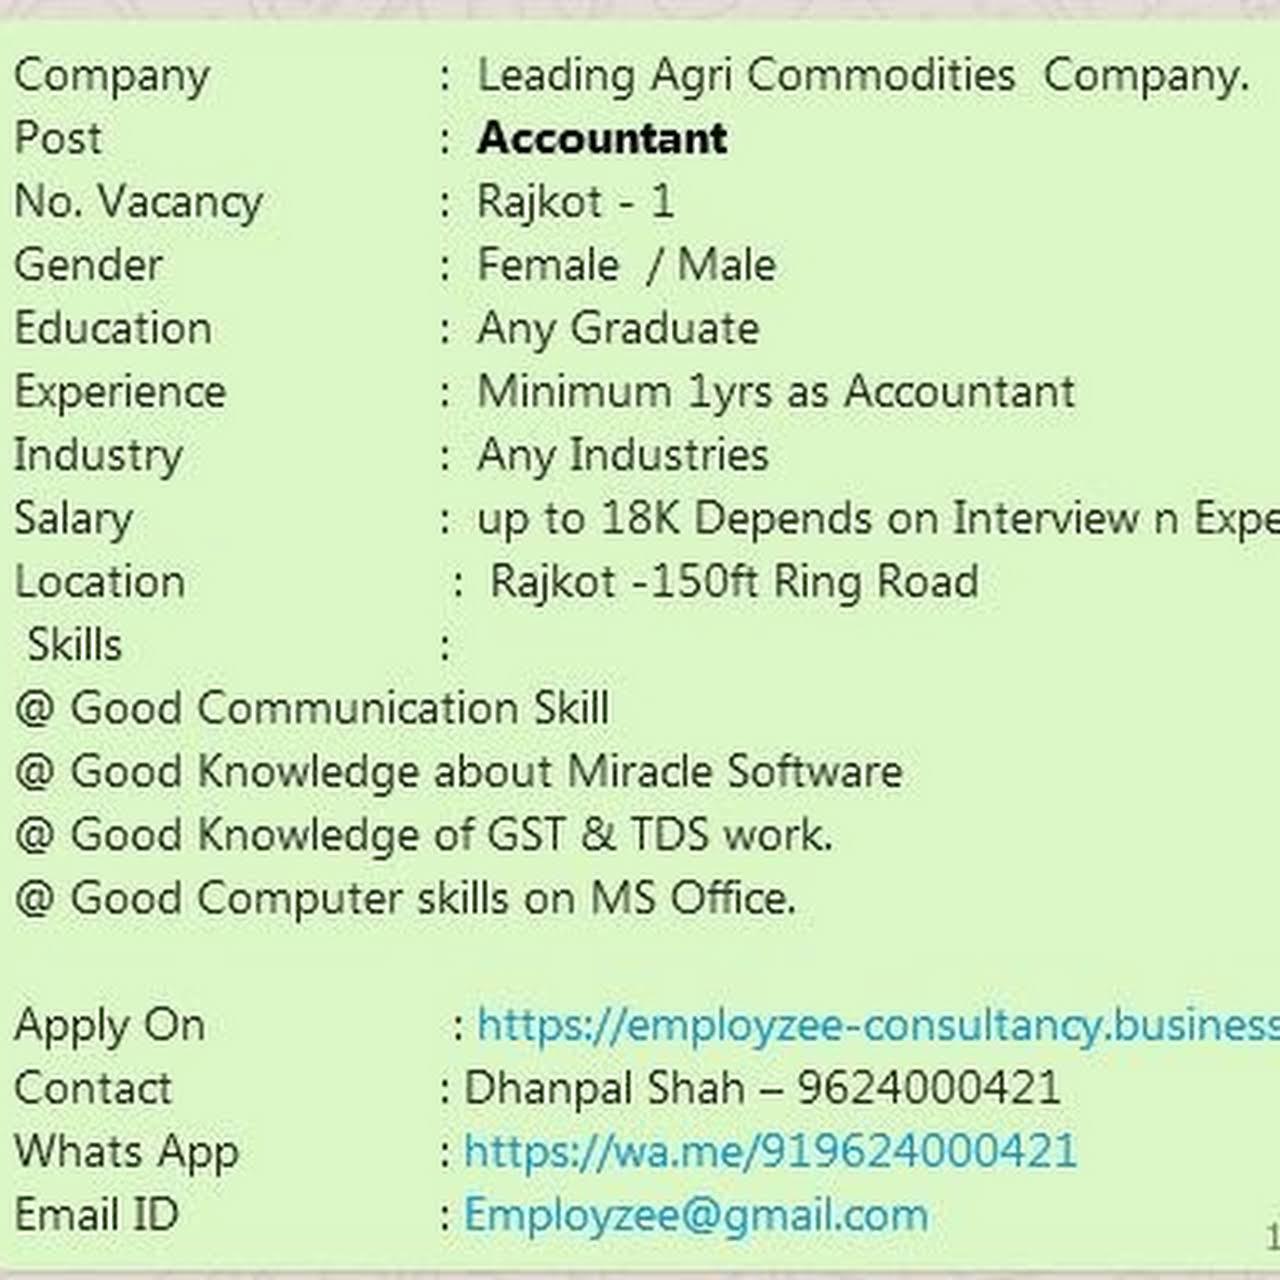 Employzee Consultancy